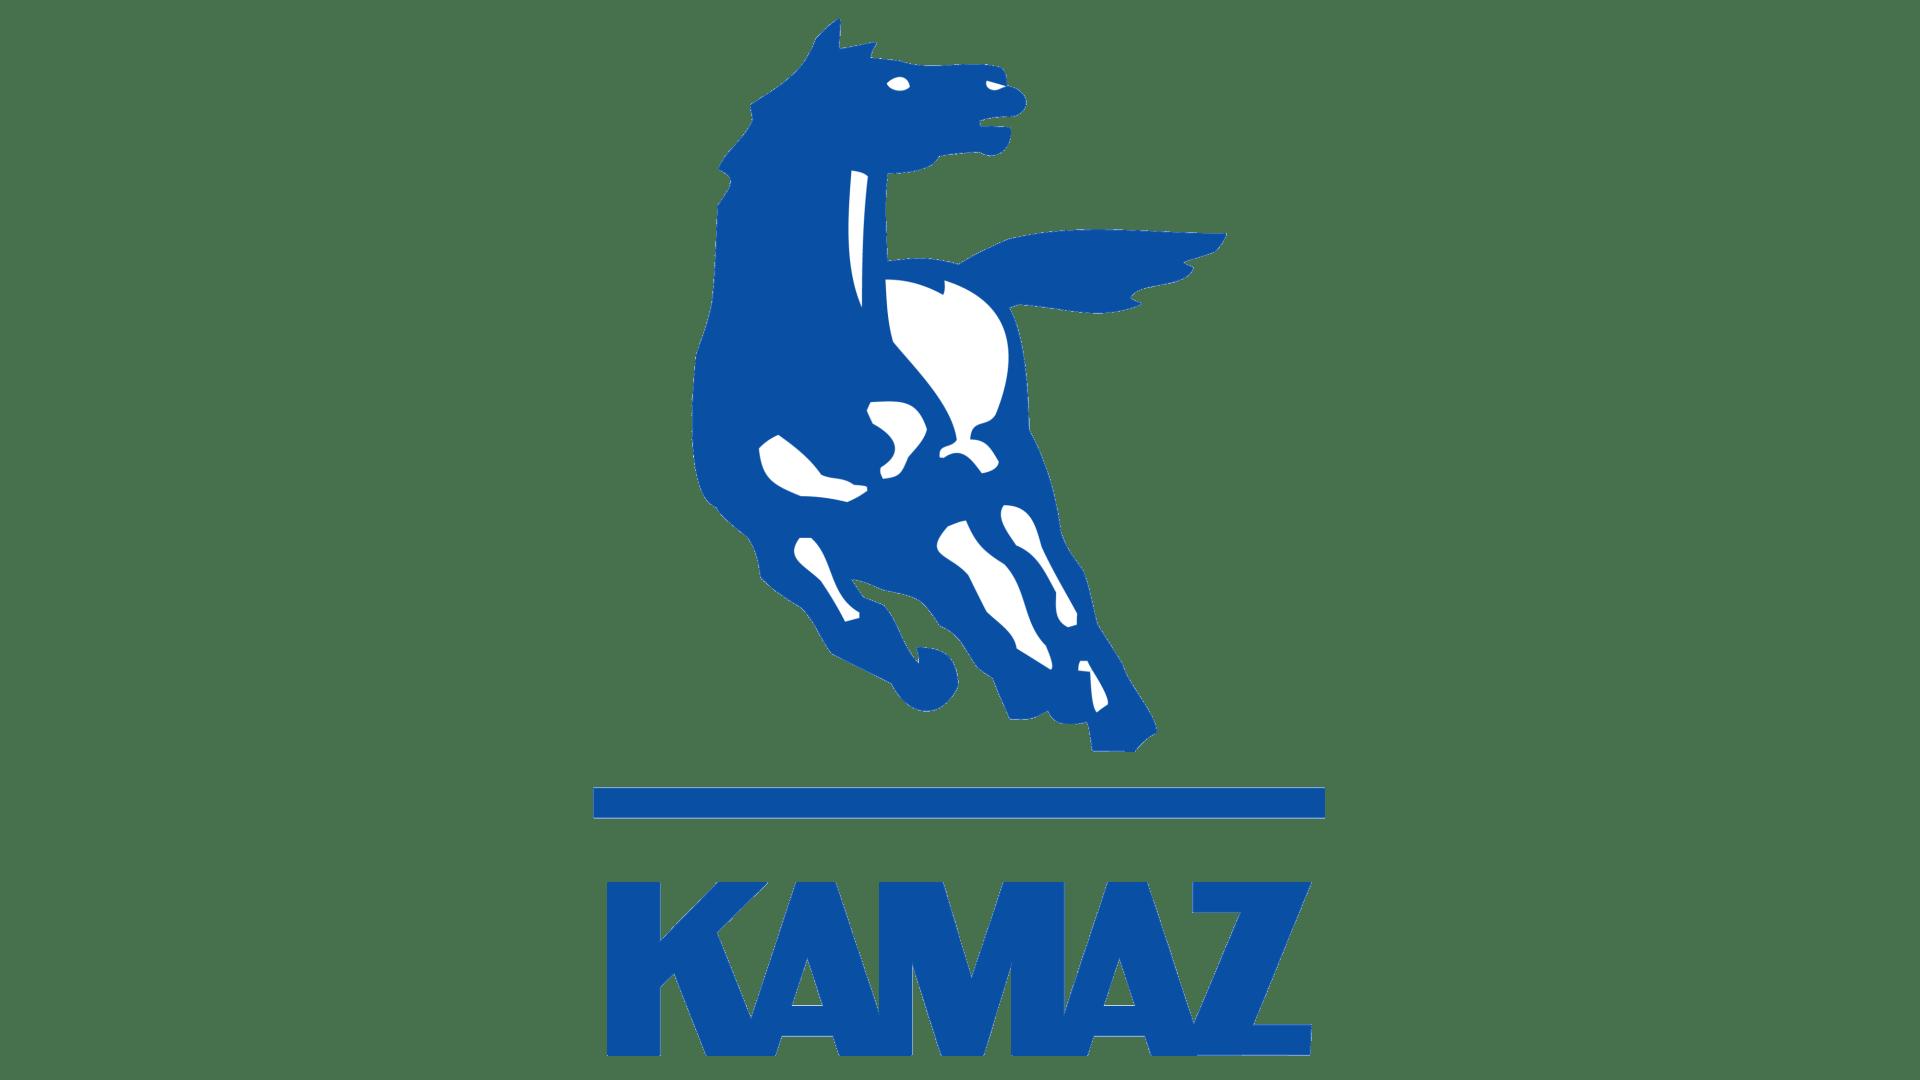 Логотип КамАЗ (Камский Автомобильный Завод)